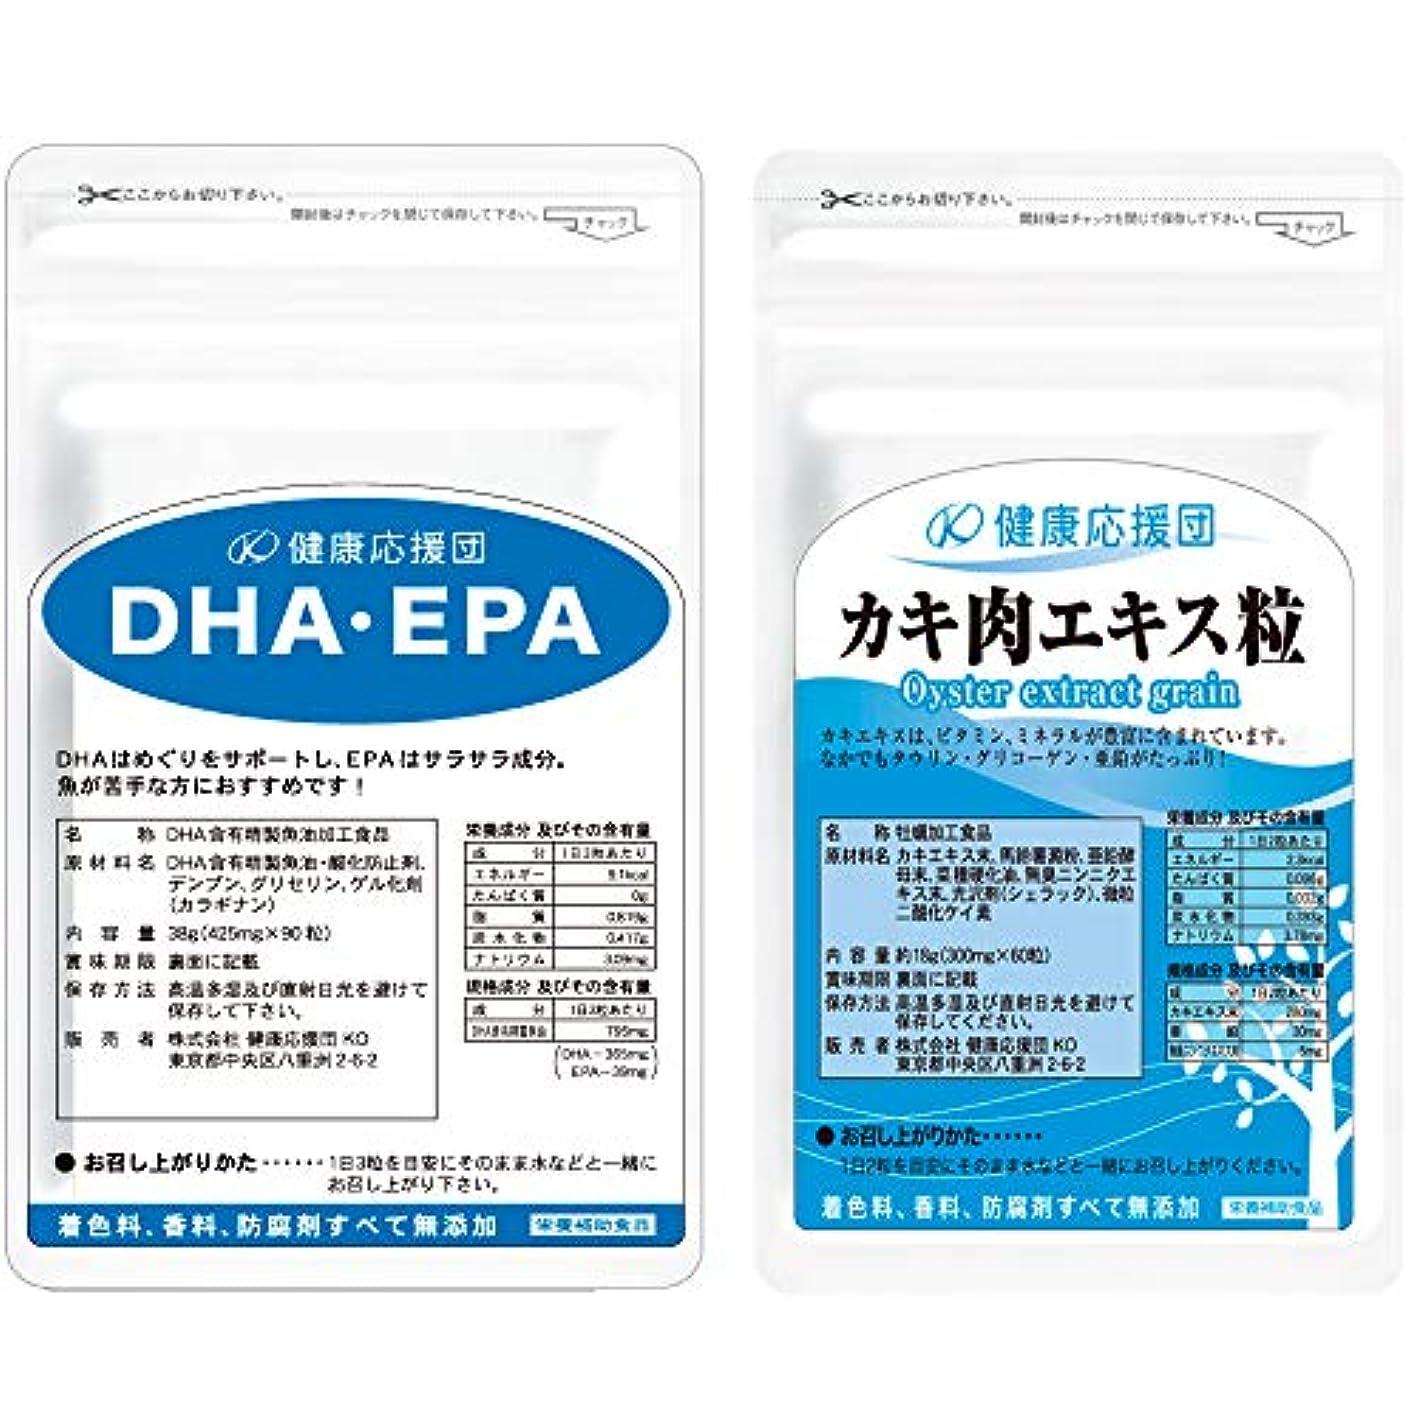 句読点縁パリティ【DHA?EPA】&【濃縮牡蠣エキス粒】 肝臓の応援セット!肝臓の数値が高めの方にお勧め!